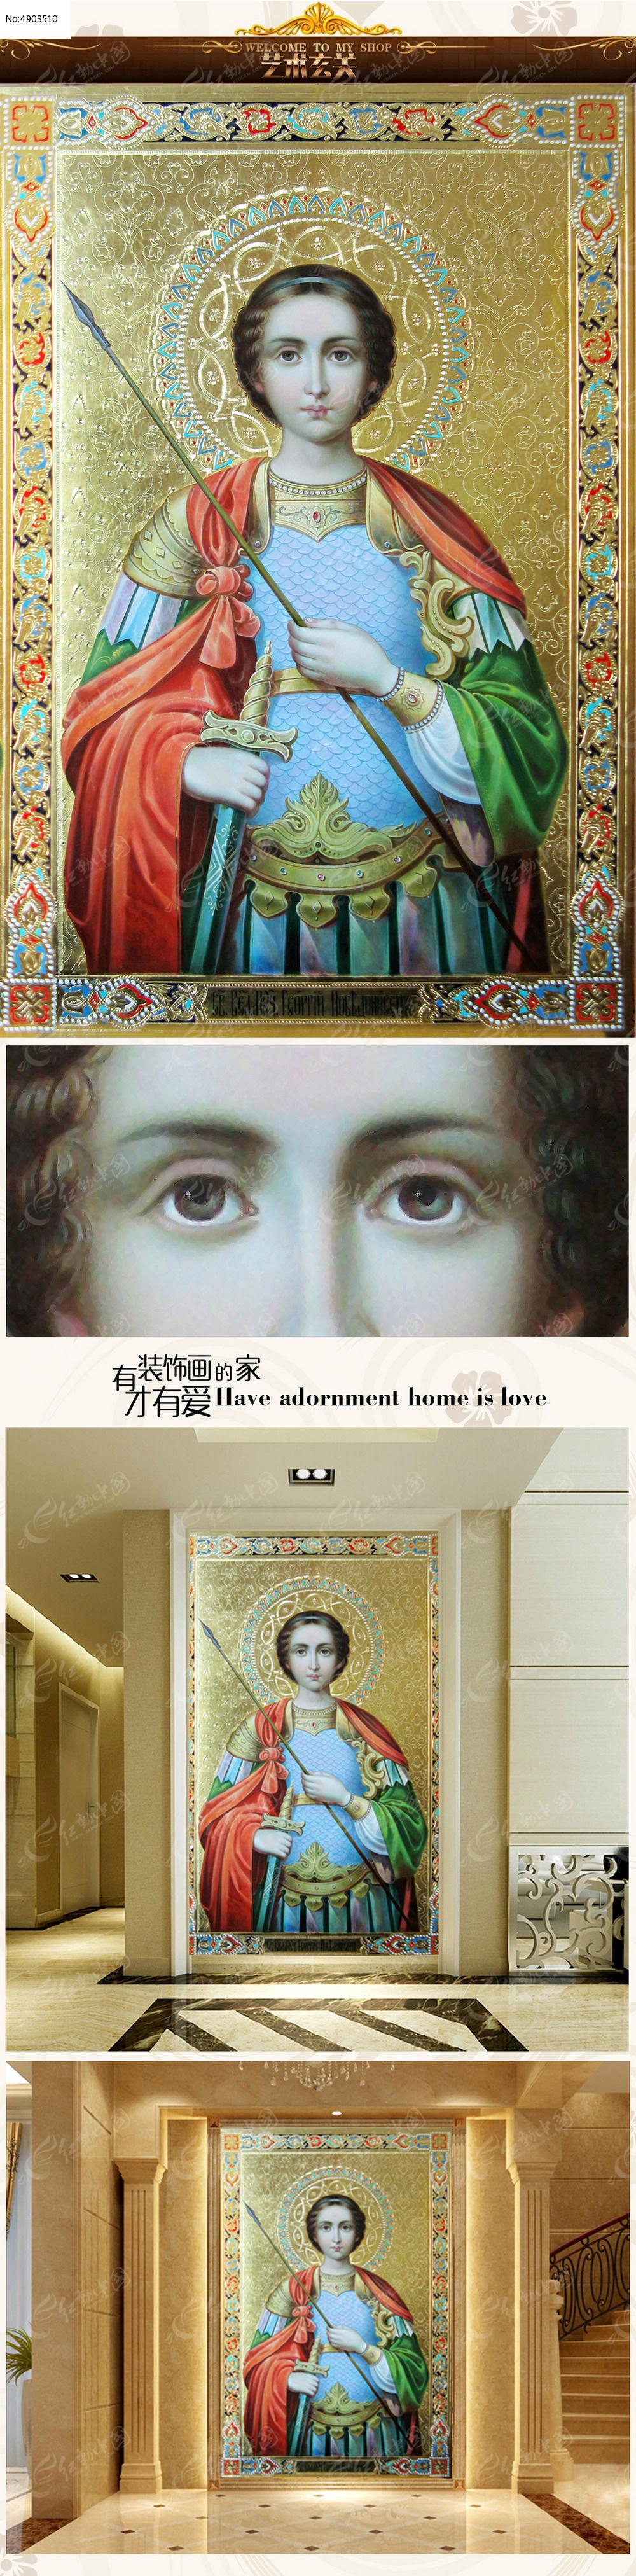 欧式圣母之战士浮雕油画艺术玄关图